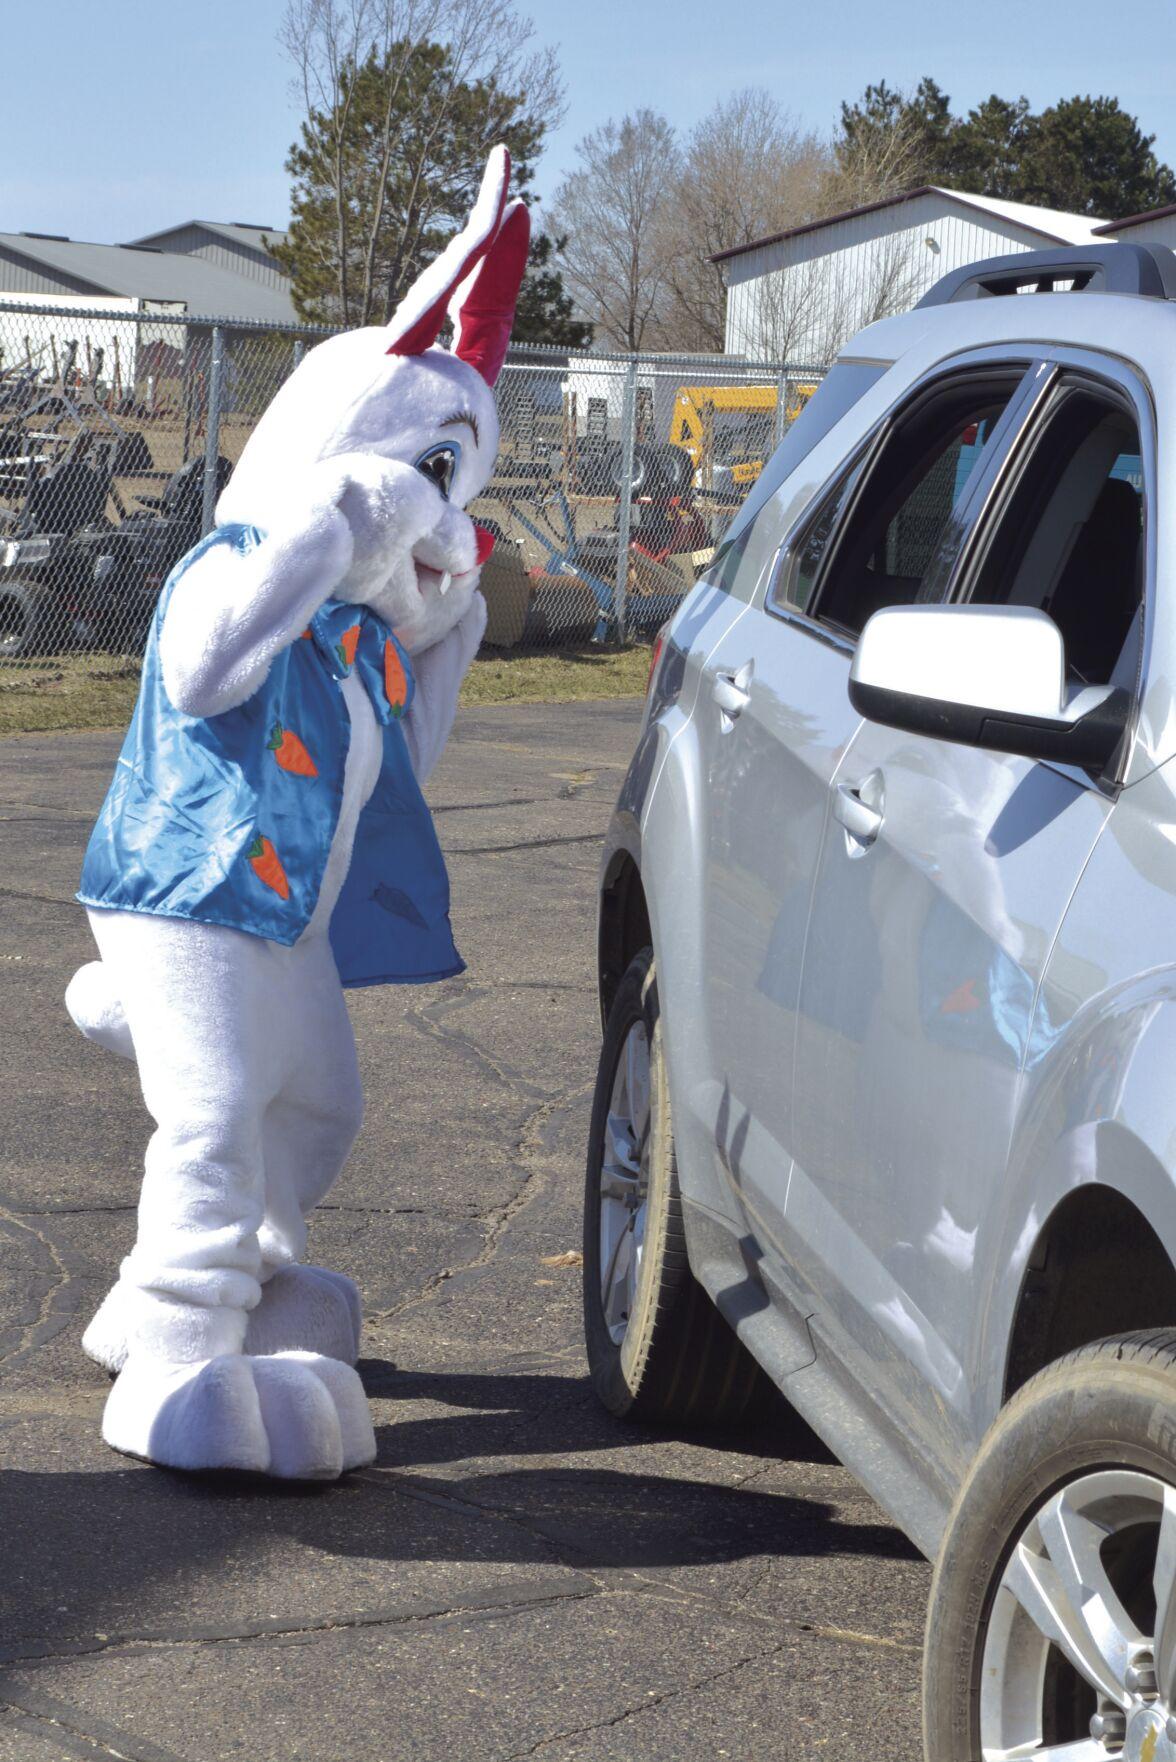 Easter bunny_1.jpg